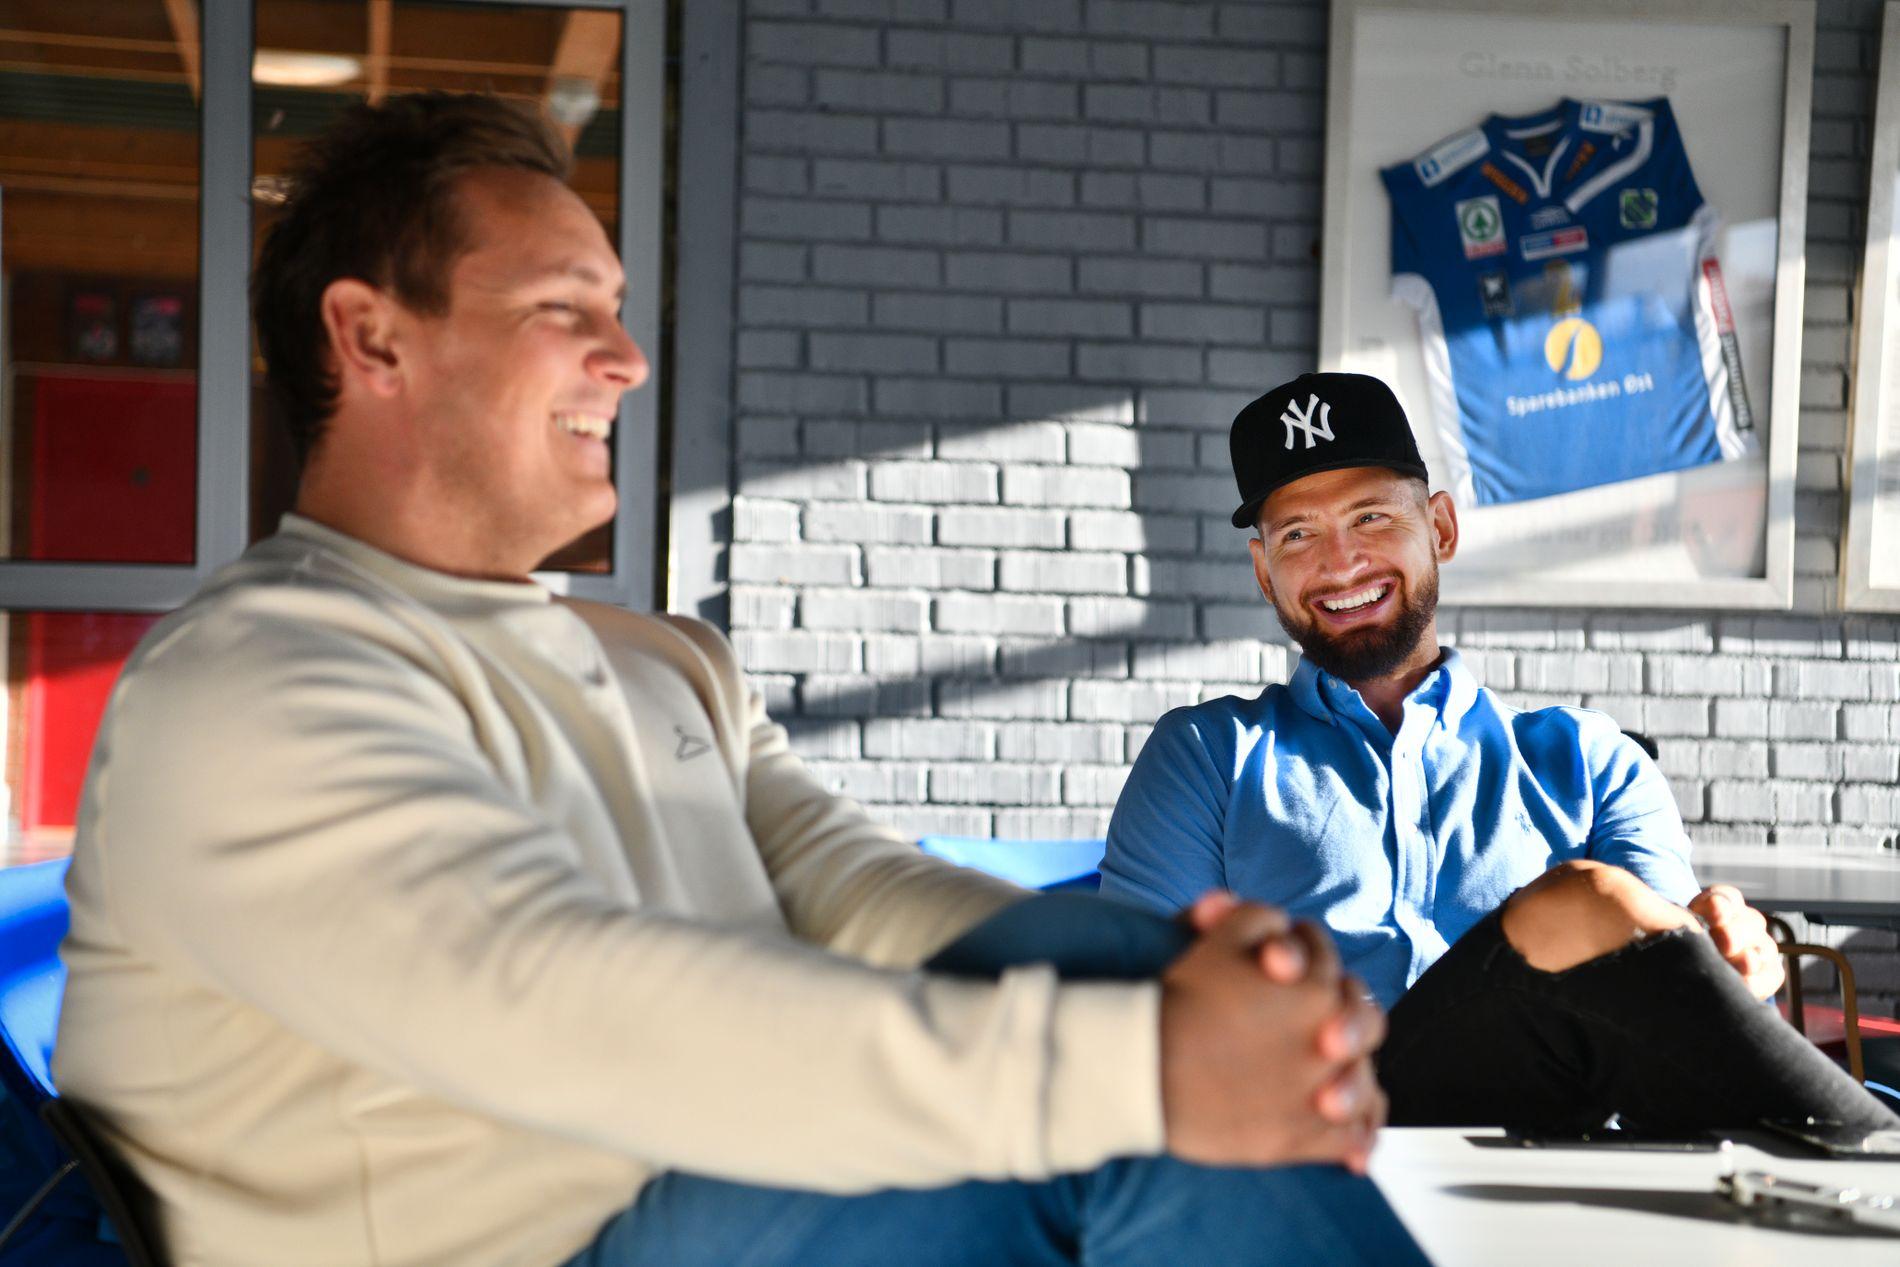 BALLSPILLERE PÅ SAMME LAG: Gjennom en krevende livsfase har fotballproff Stefan Strandberg har søkt mye støtte i håndballprofilen Joakim Hykkerud, strekspiller for Drammen og det norske landslaget. Her er duoen sammen i Drammenshallen for VG-intervju.